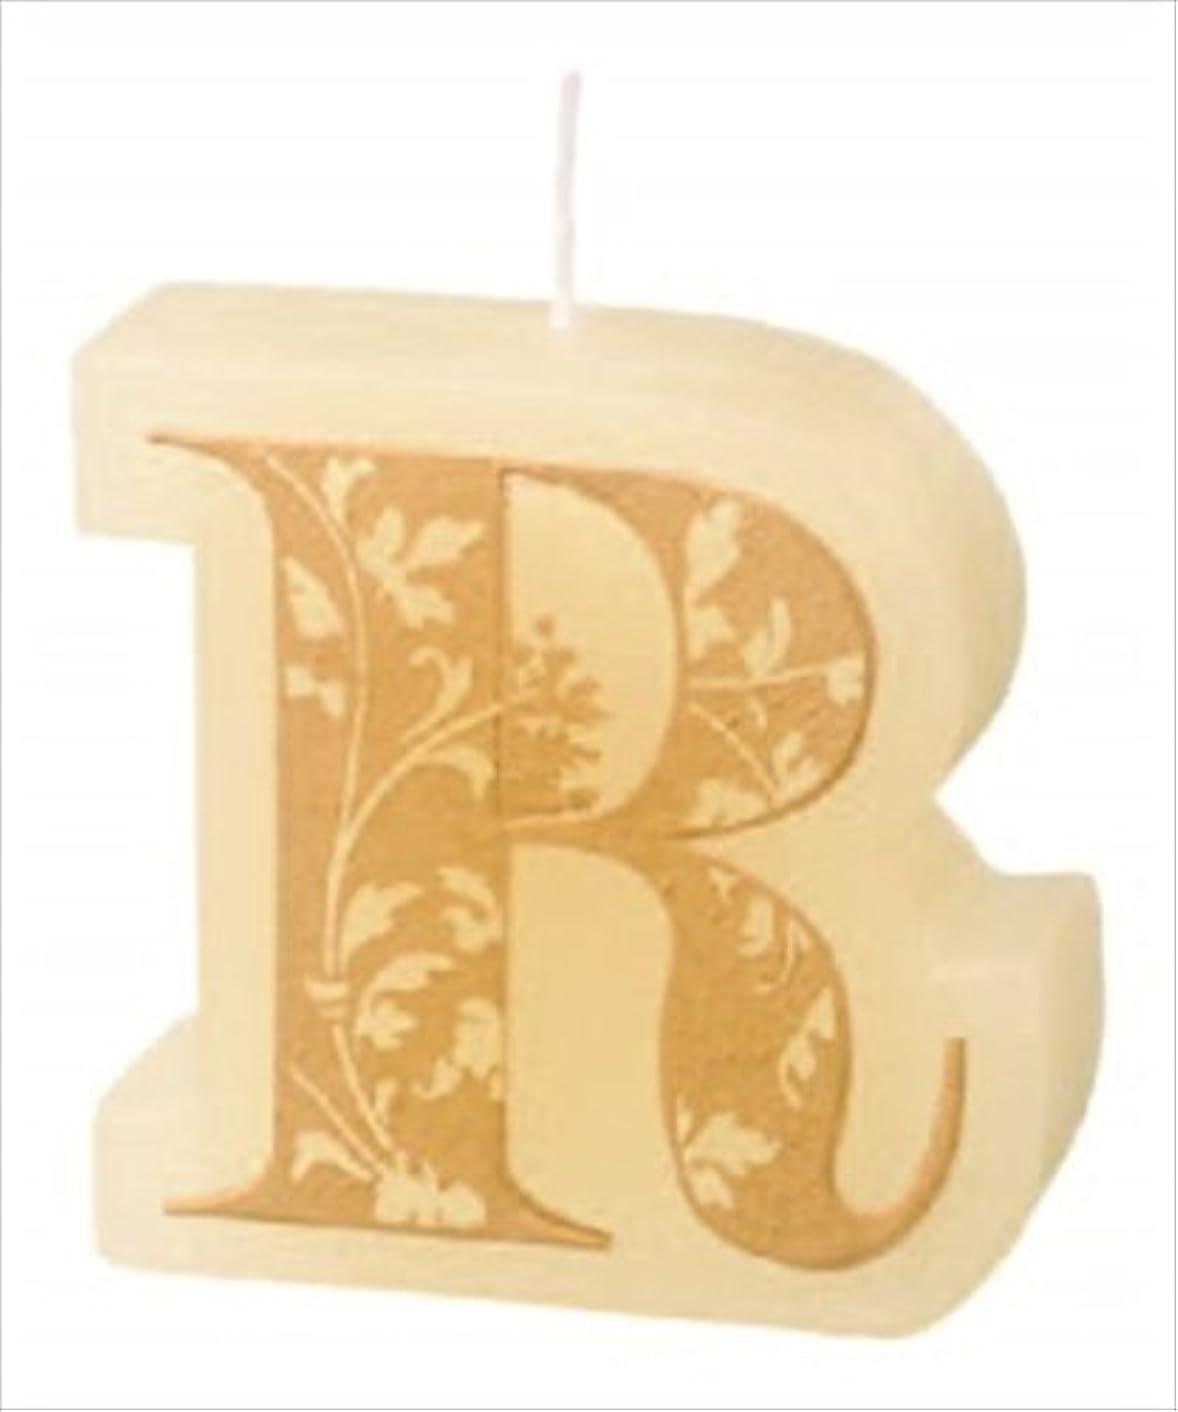 シートなしで推定するカメヤマキャンドル(kameyama candle) イニシャルキャンドルミニ 「 R 」